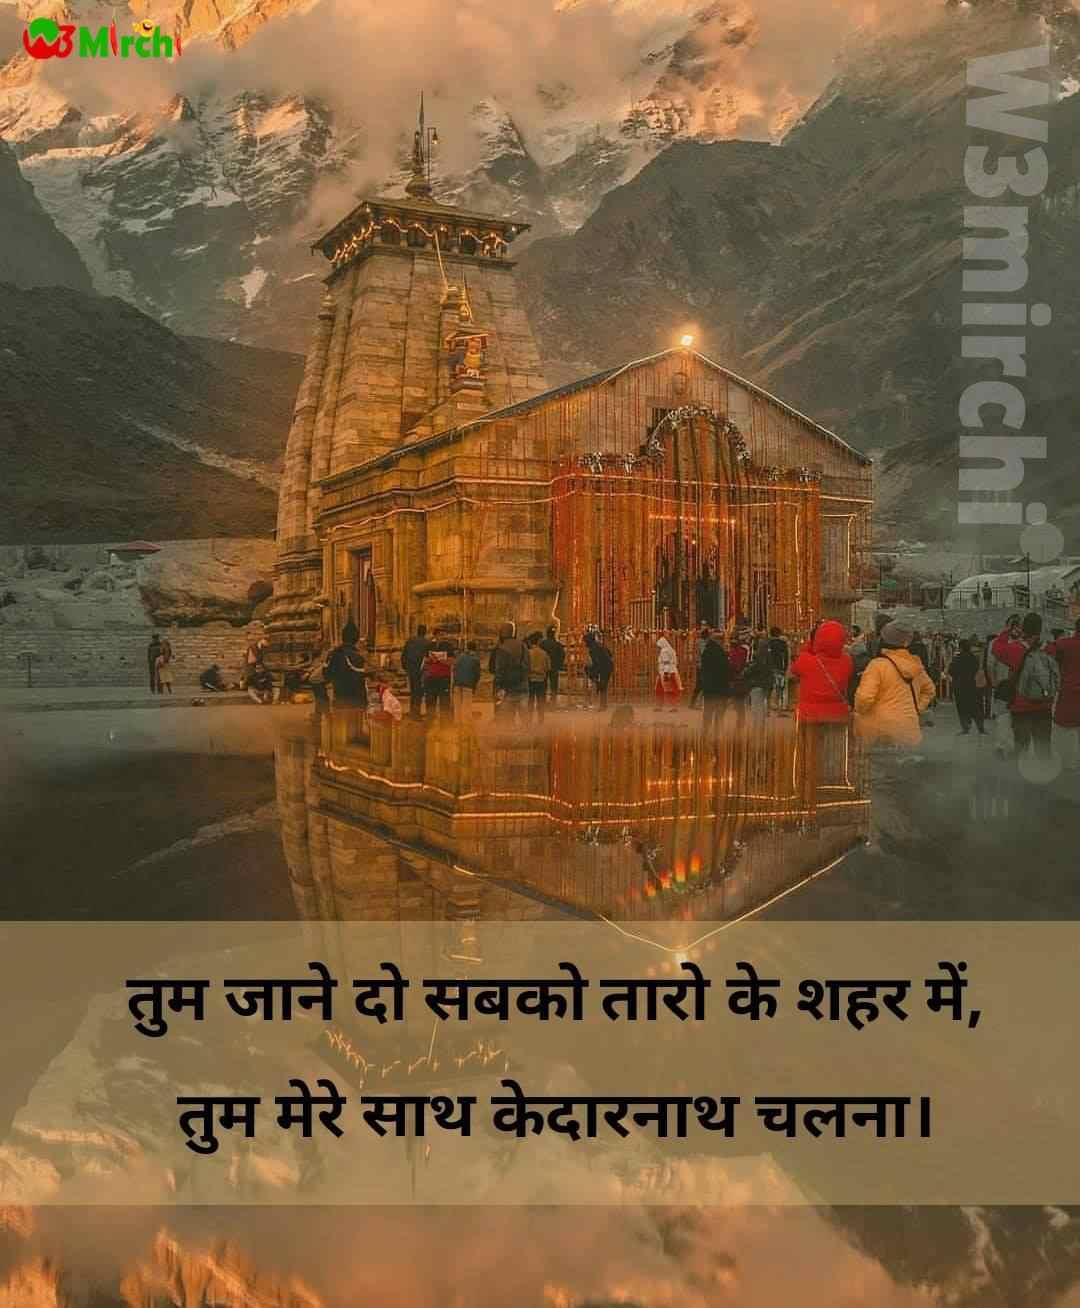 Romantic Shayari   तुम जाने दो सबको तारो के शहर में,